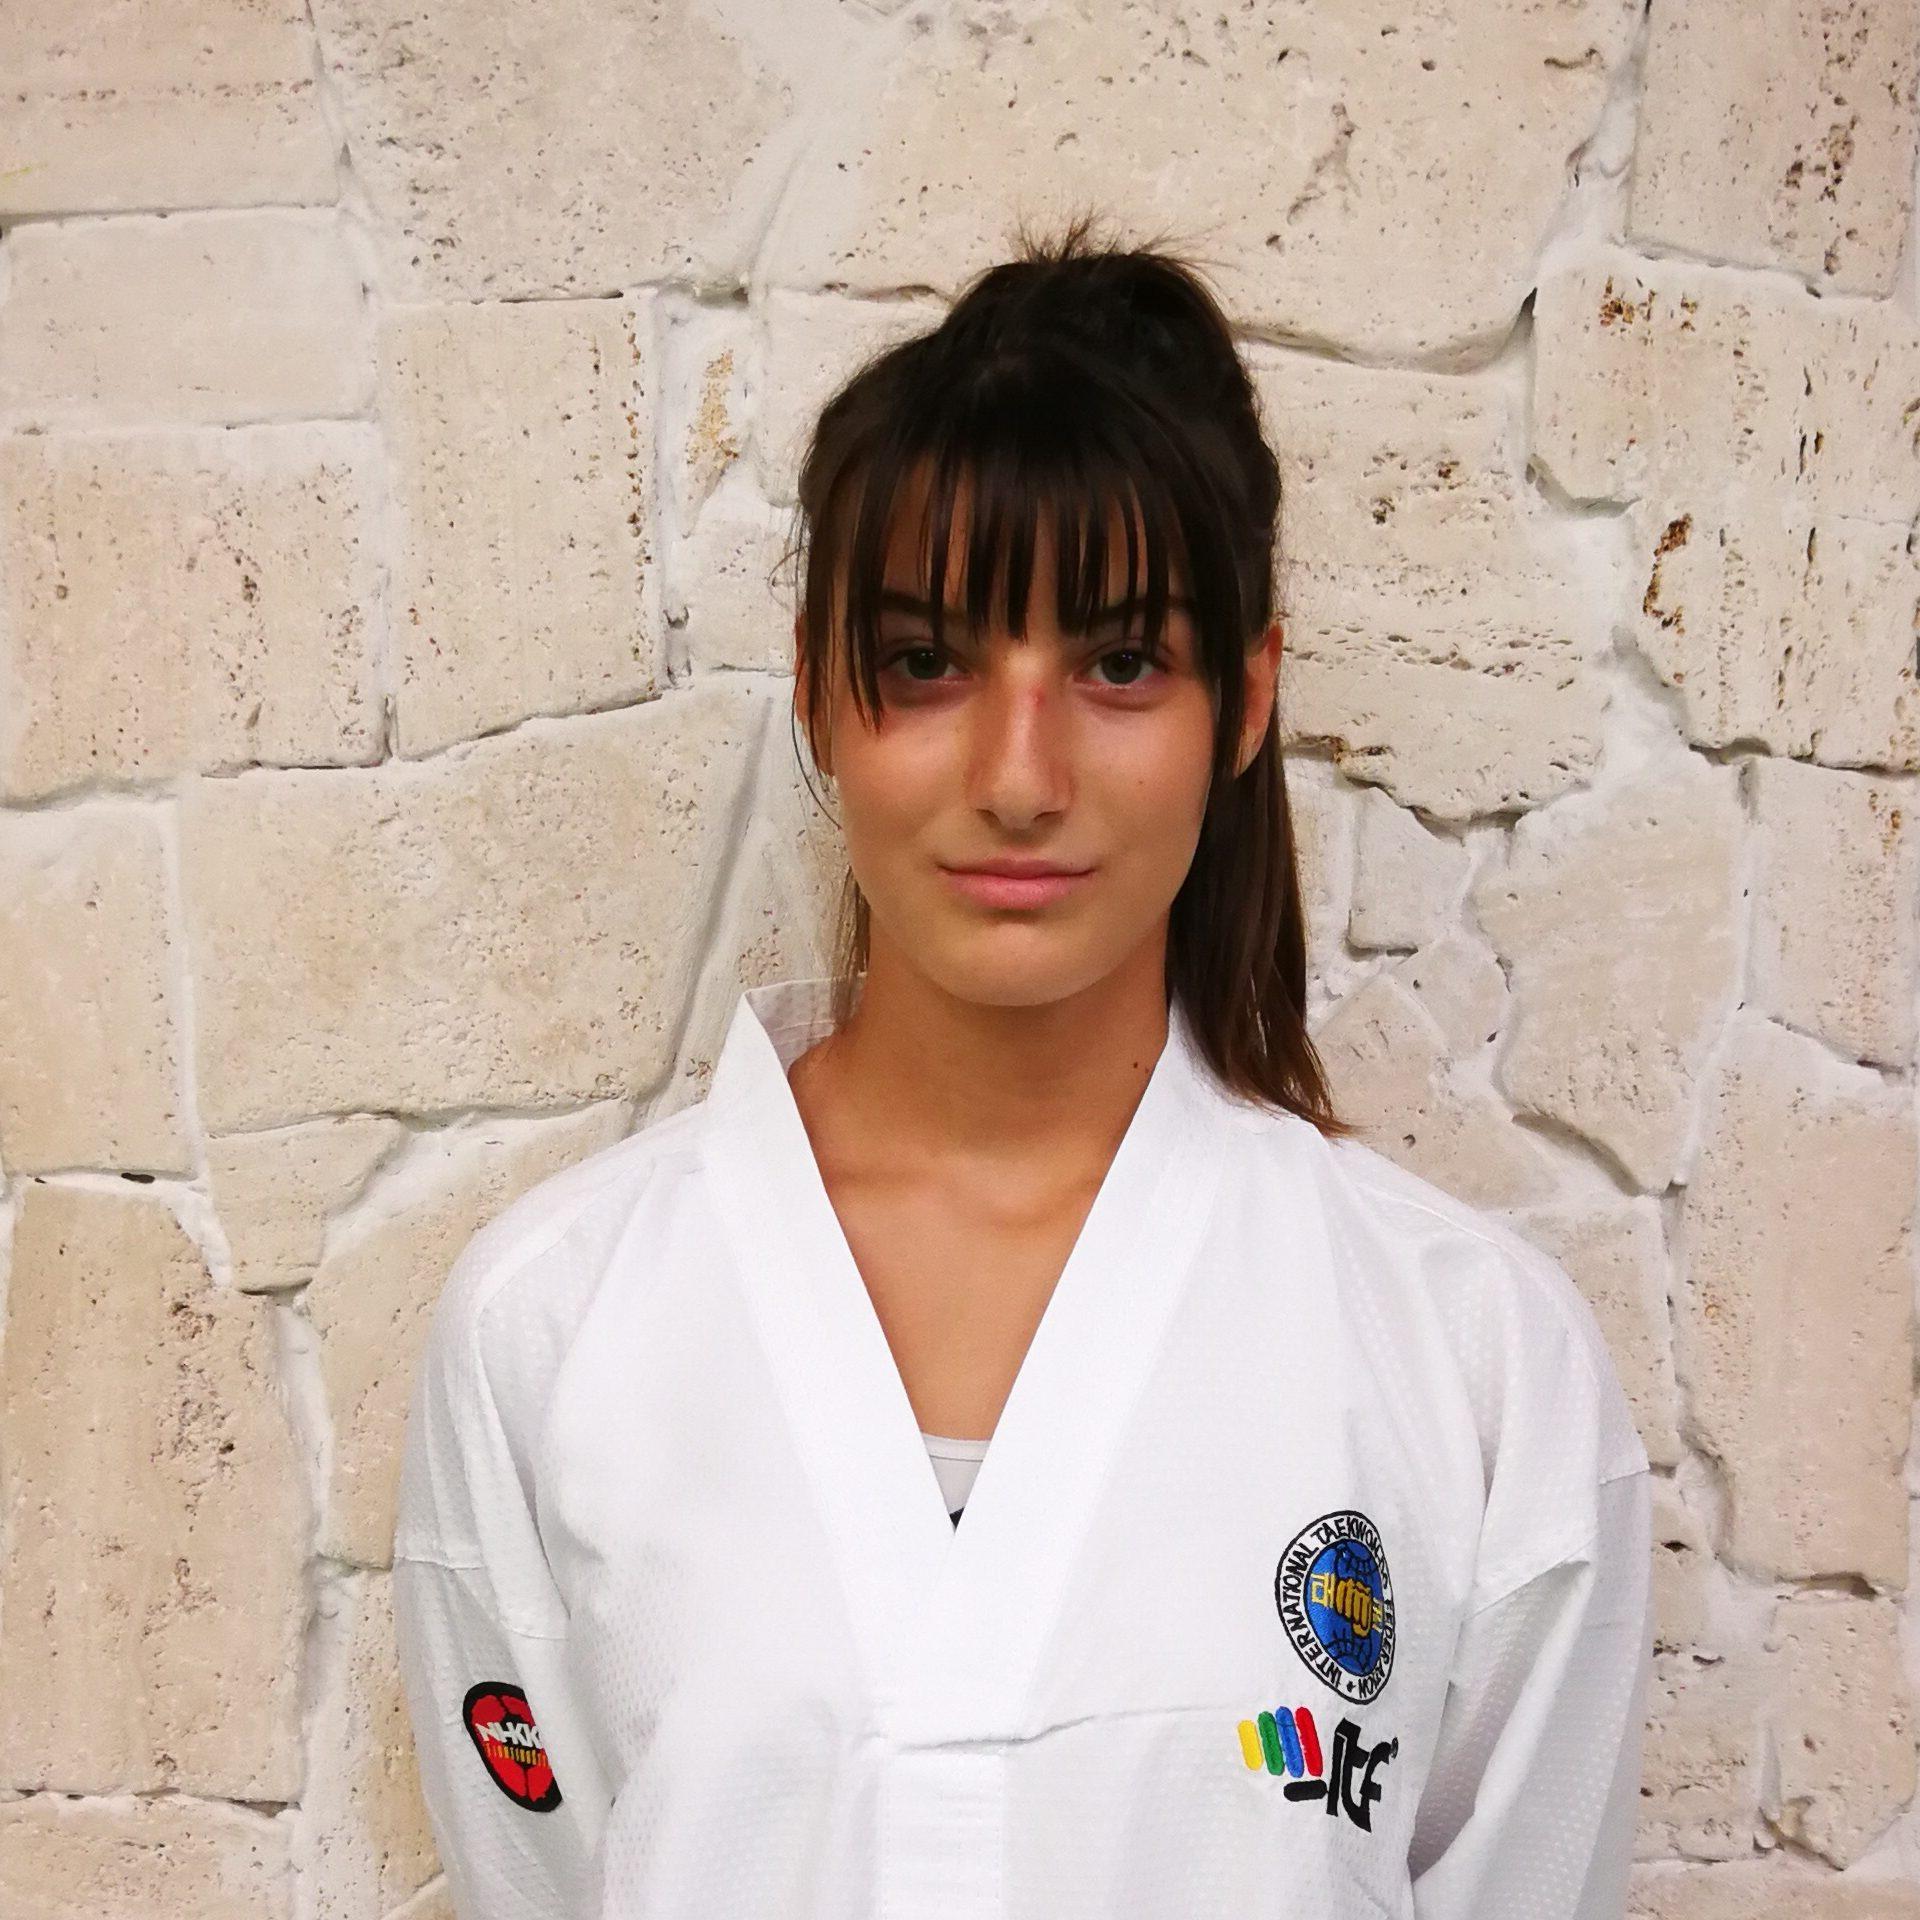 Valeria Checcucci